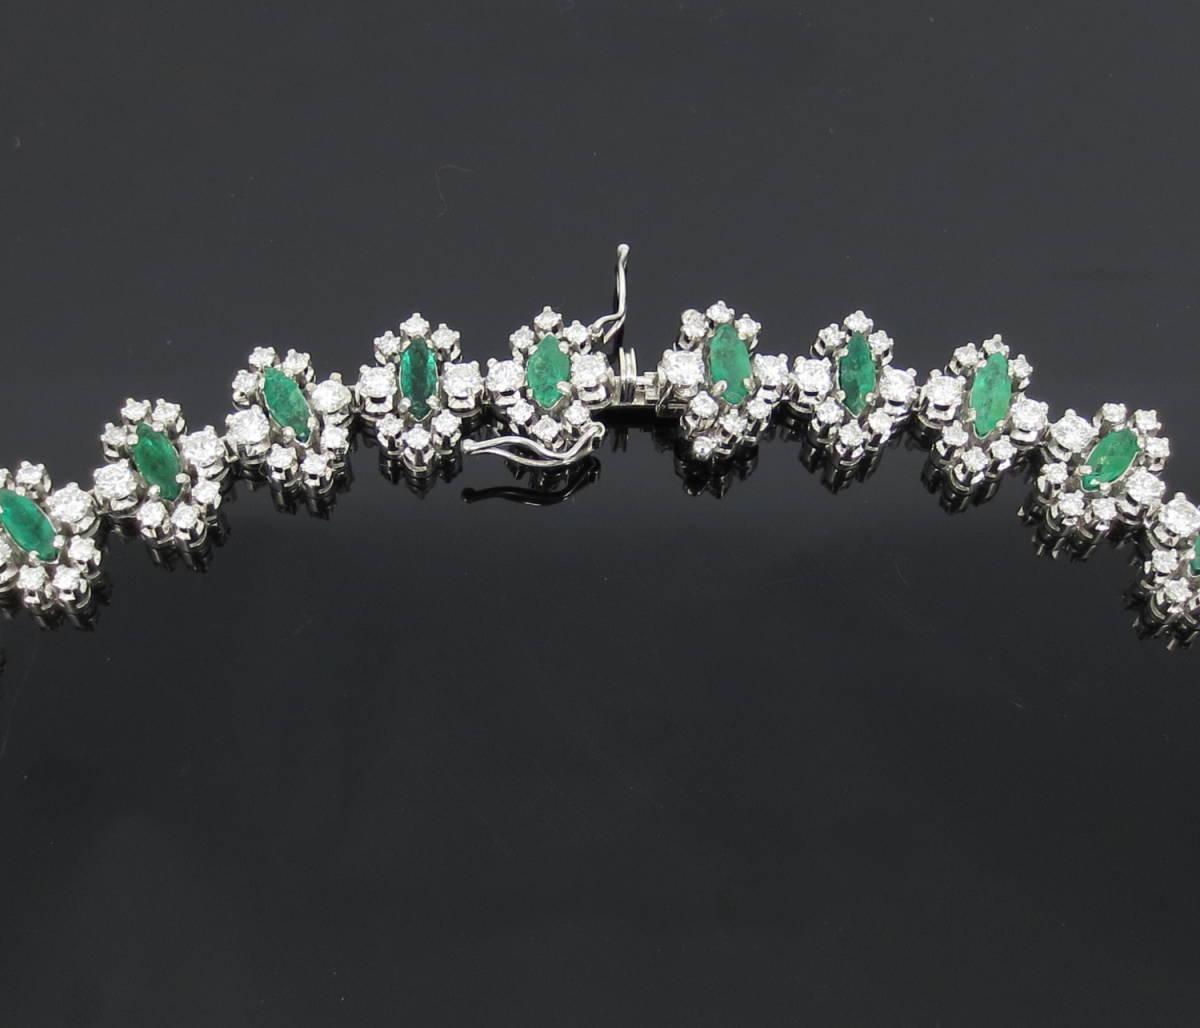 【ヴィンテージ】29.0ct ダイヤモンド 24.0ct コロンビア産 エメラルド 18金ホワイトゴールド ネックレス_画像4